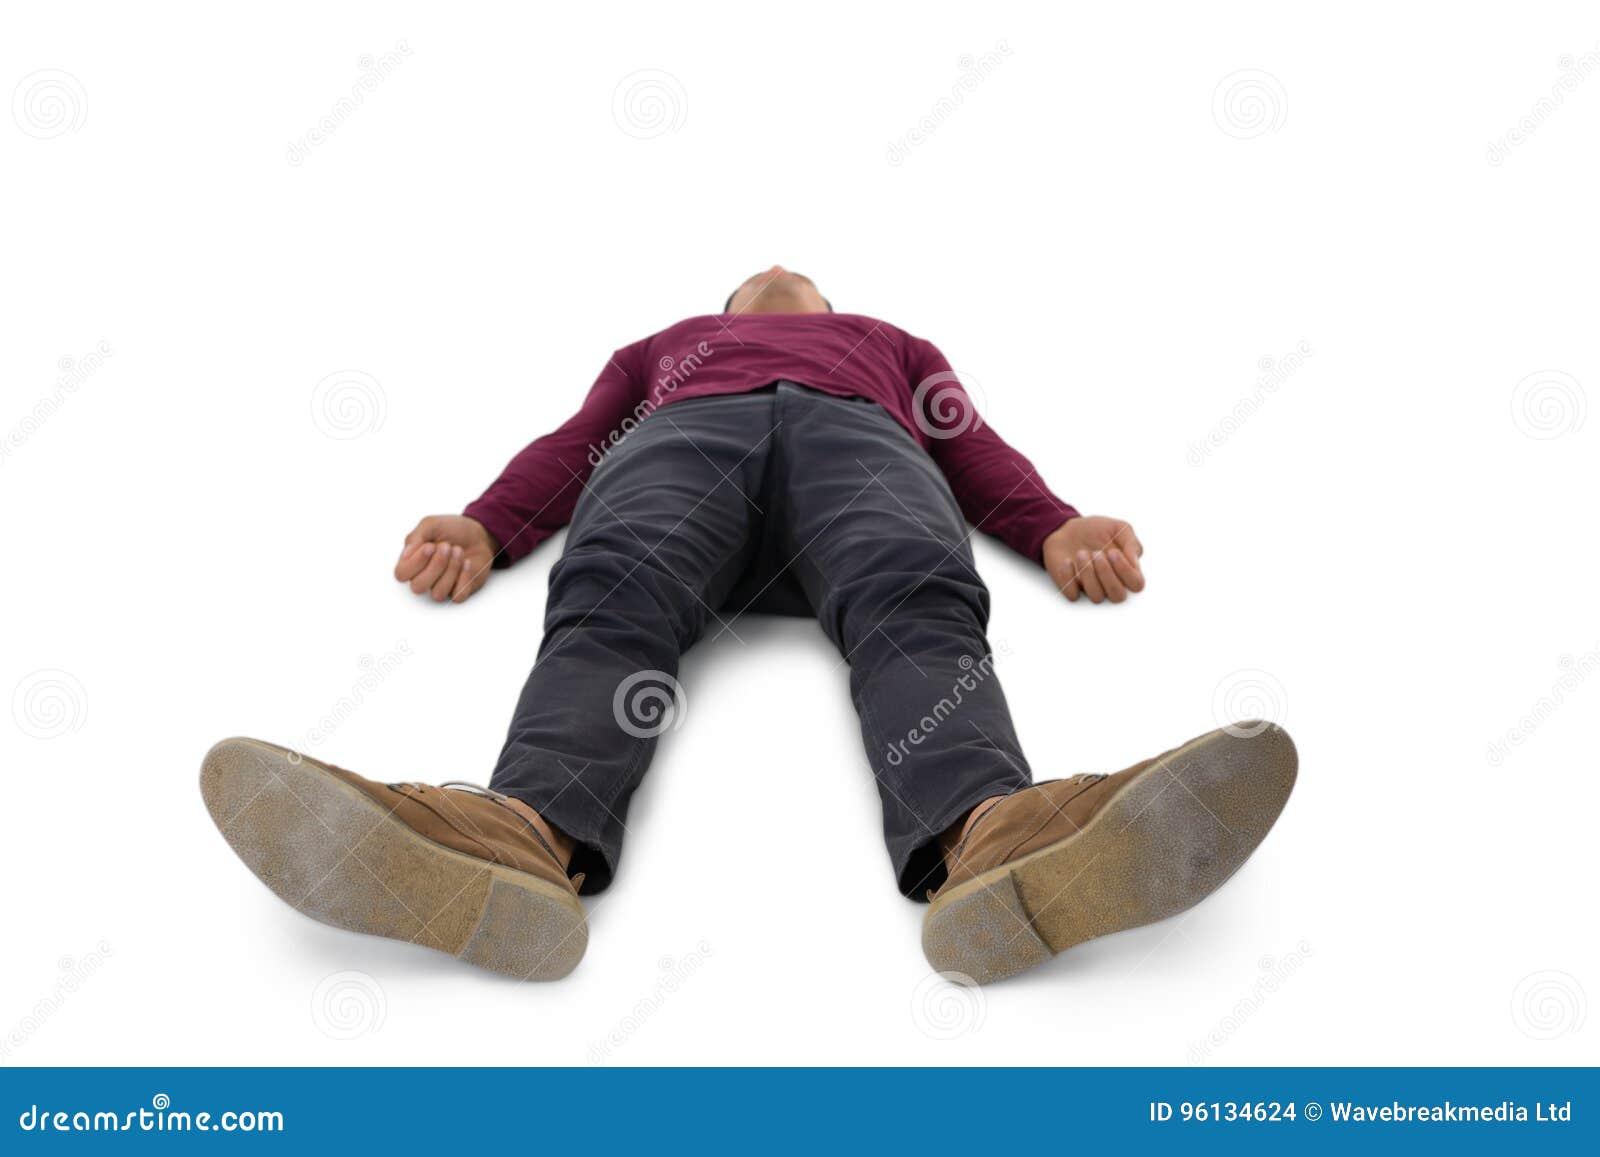 Full length of man lying down